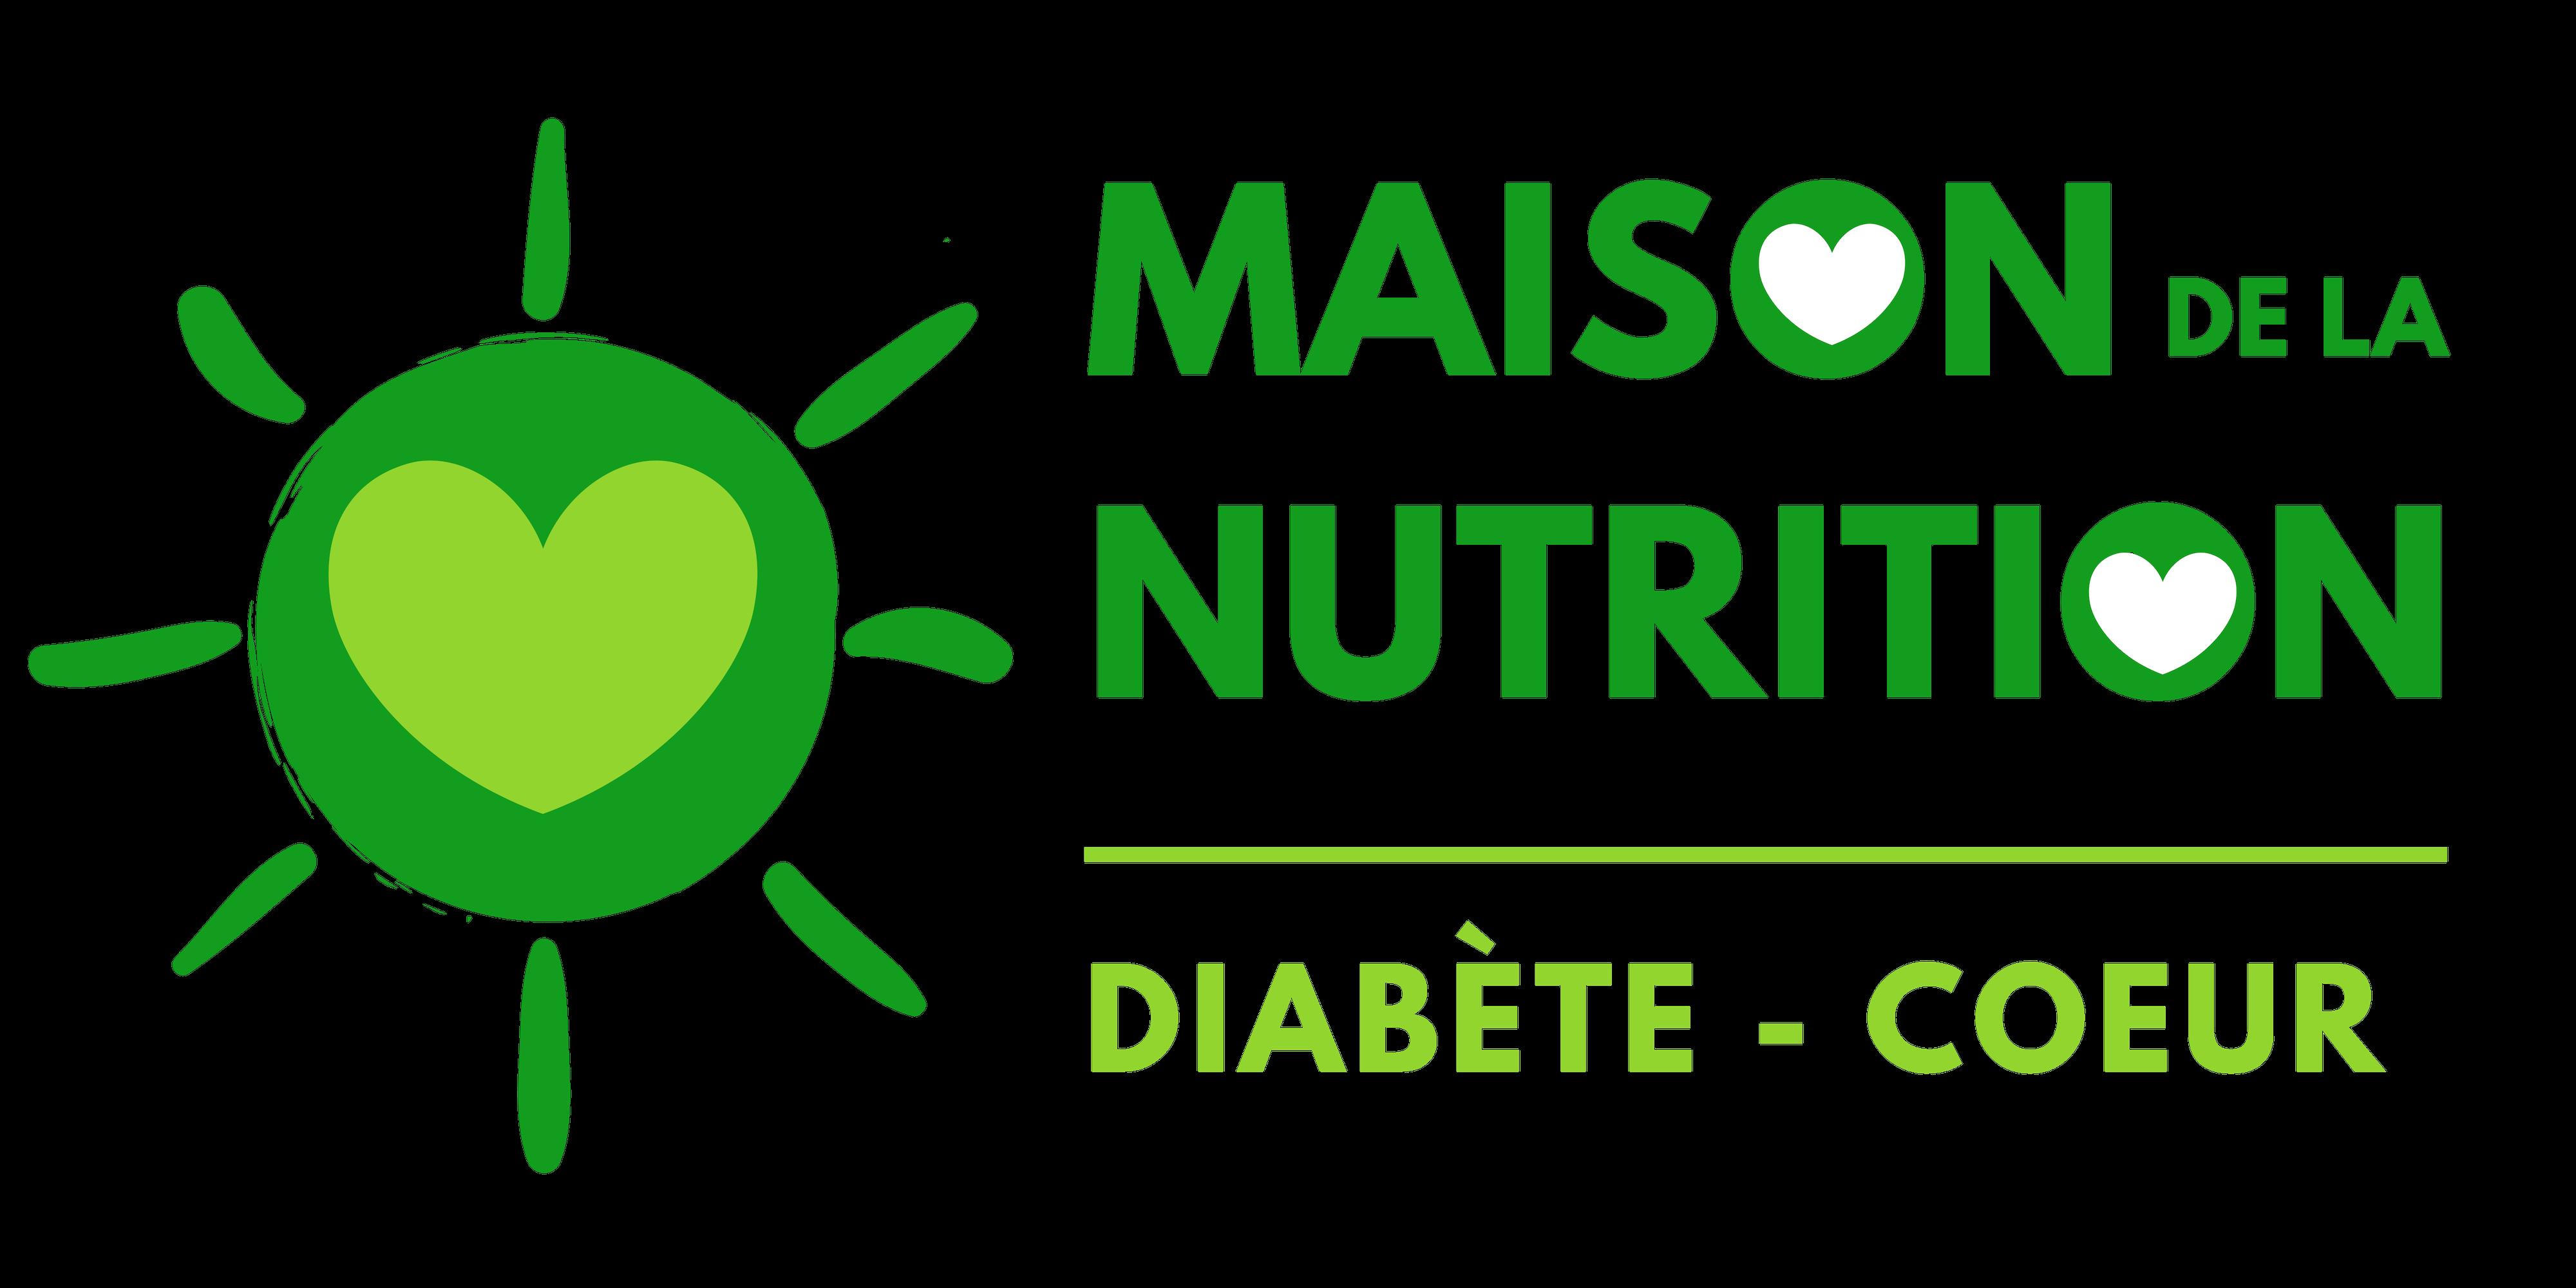 Maison de la Nutrition Diabète et Cœur